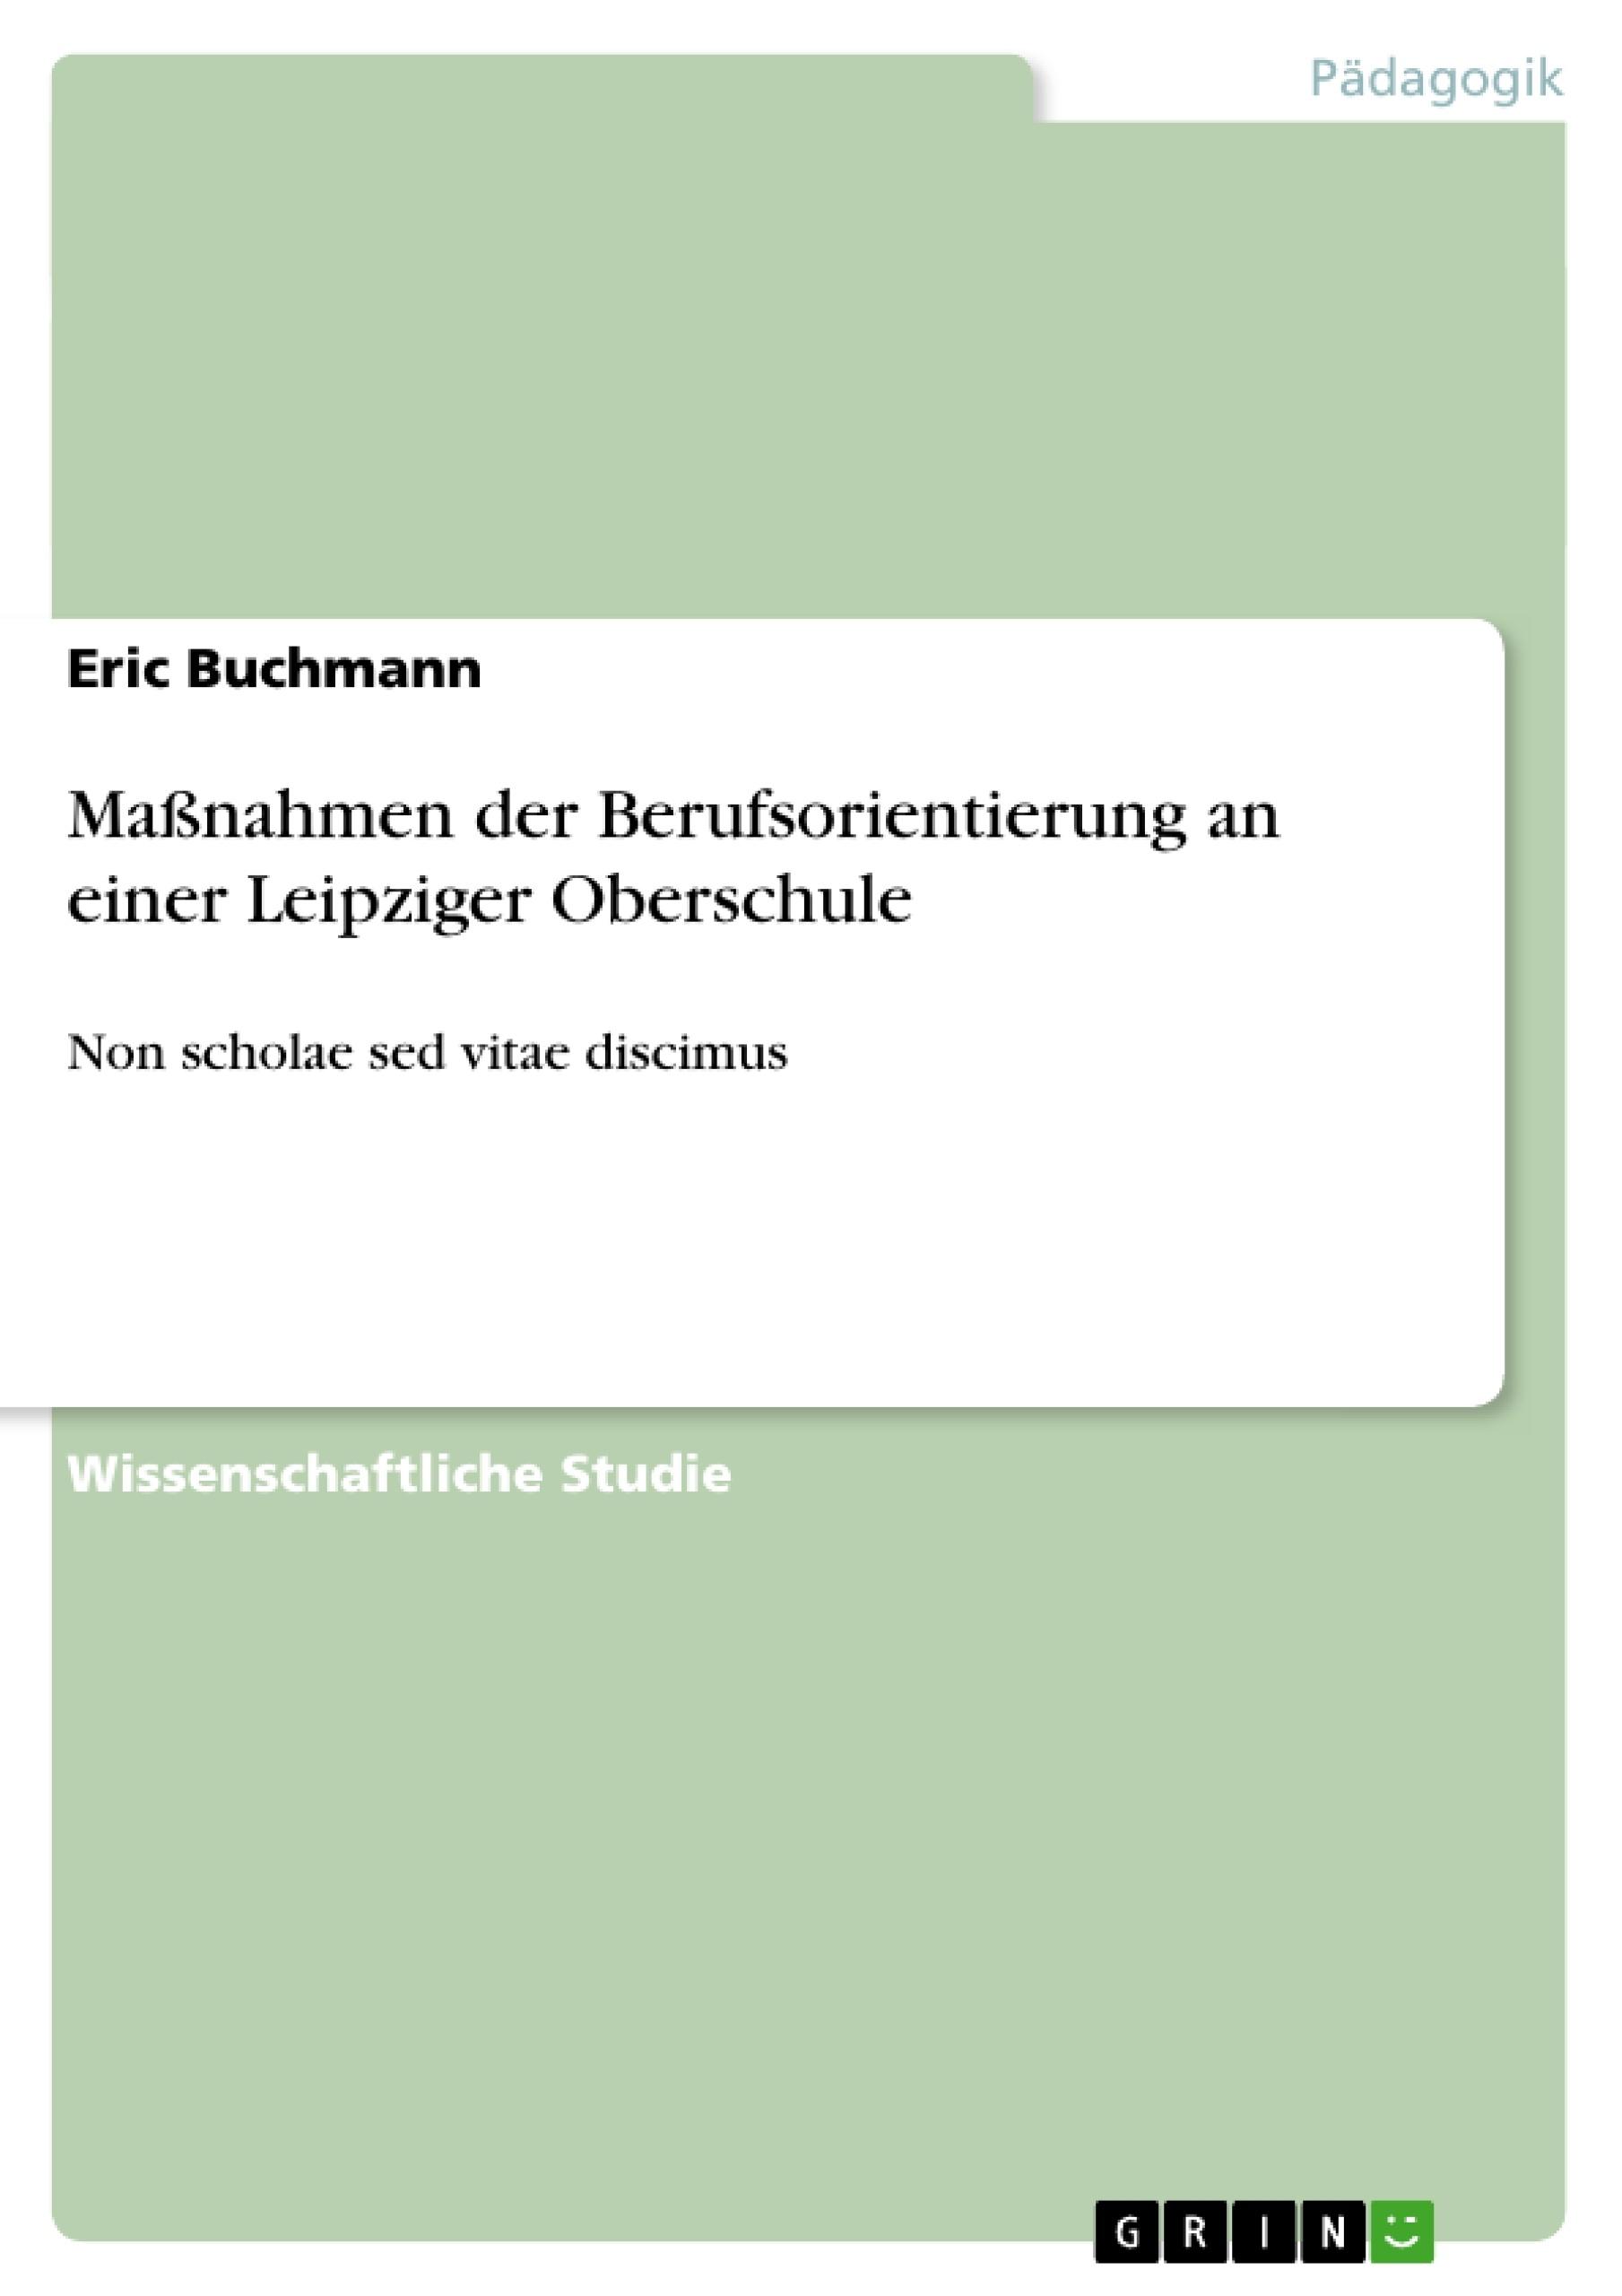 Titel: Maßnahmen der Berufsorientierung an einer Leipziger Oberschule